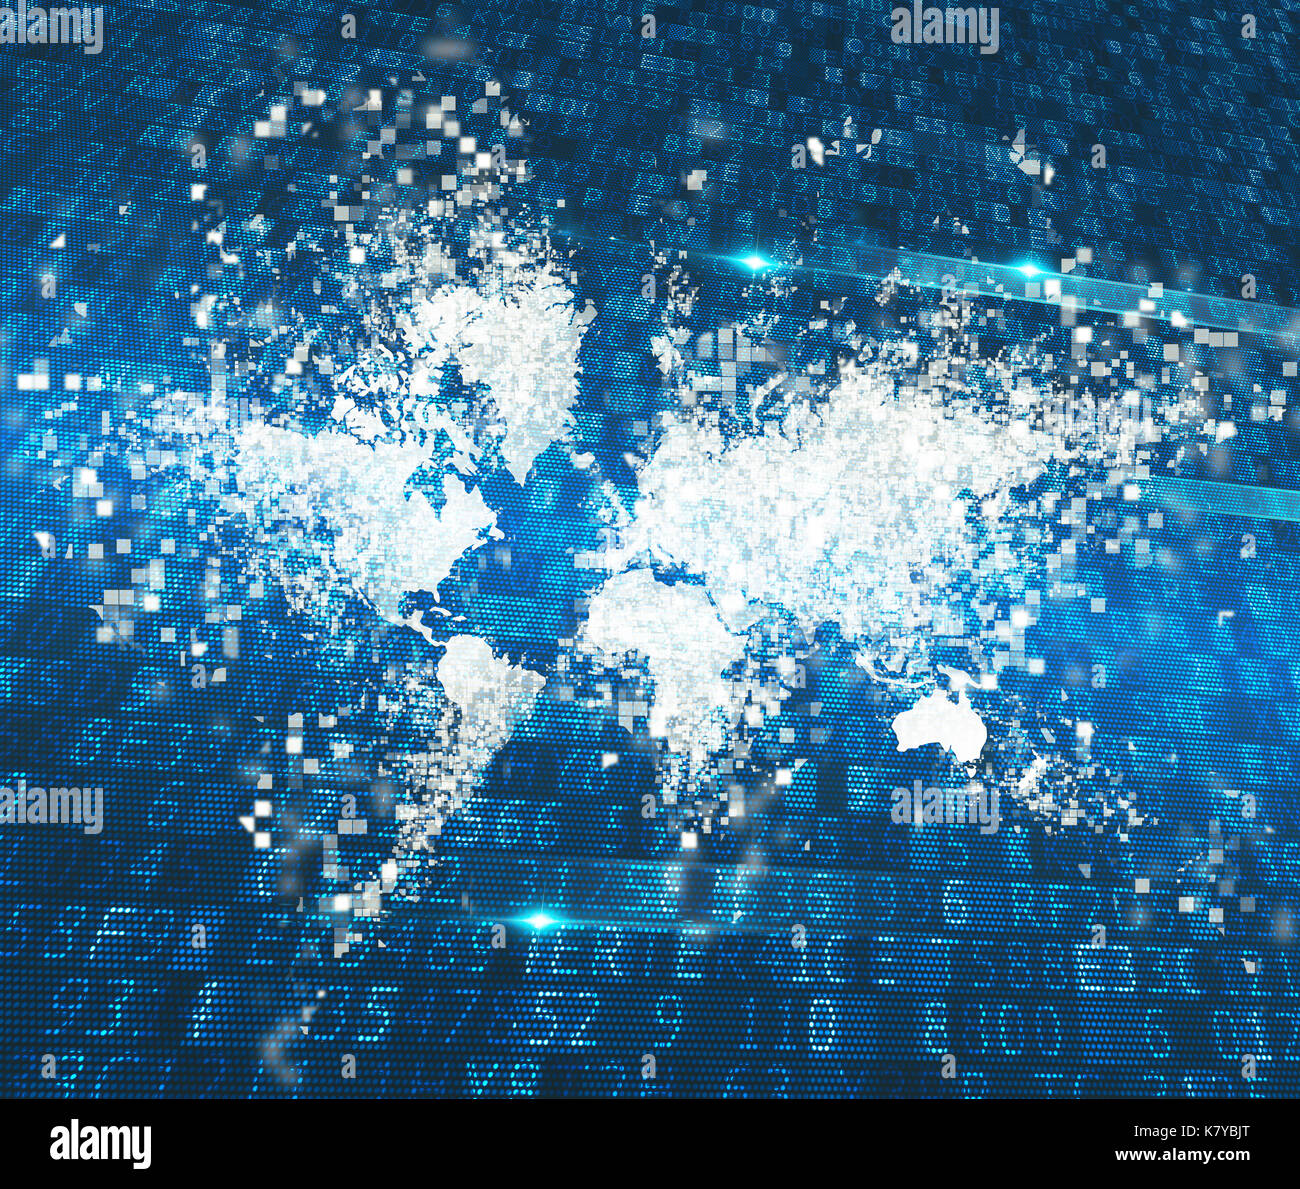 Mundo abstracto. Concepto de conexión global de internet Imagen De Stock